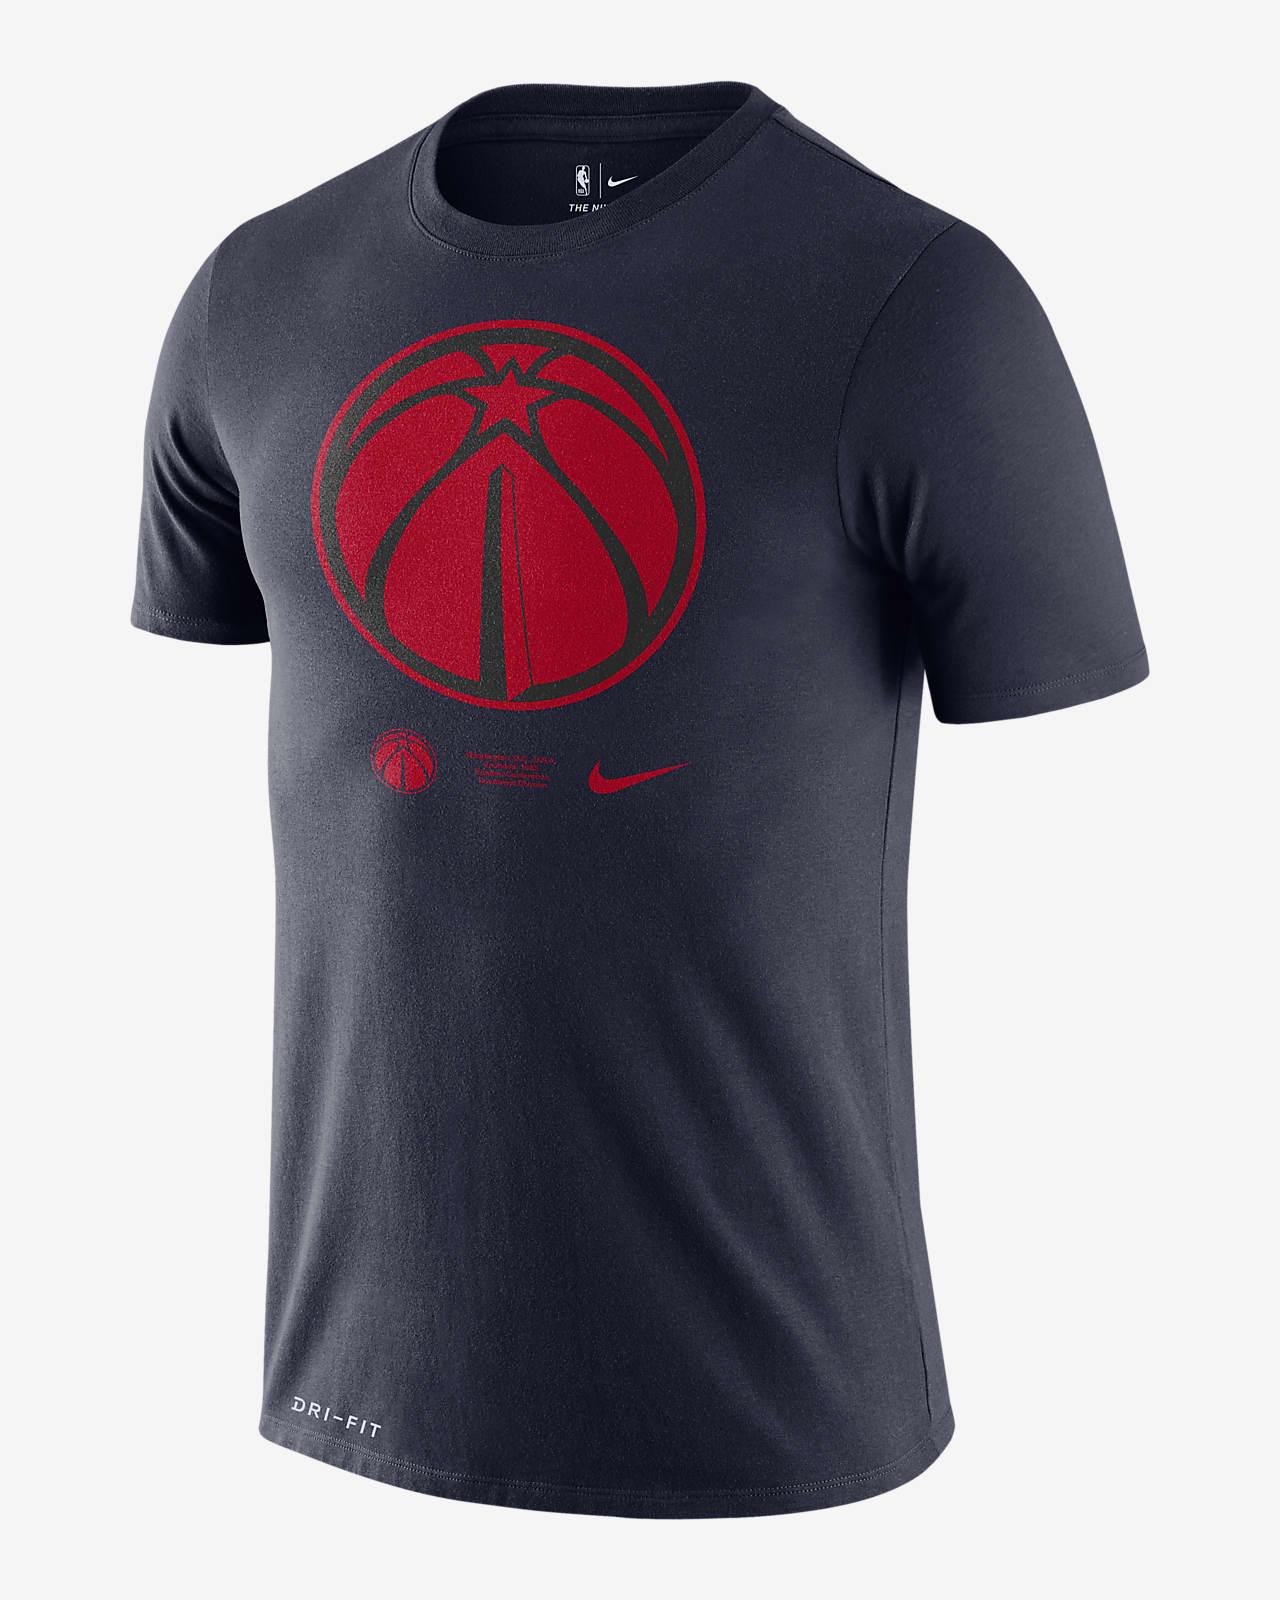 ワシントン ウィザーズ ロゴ メンズ ナイキ Dri-FIT NBA Tシャツ